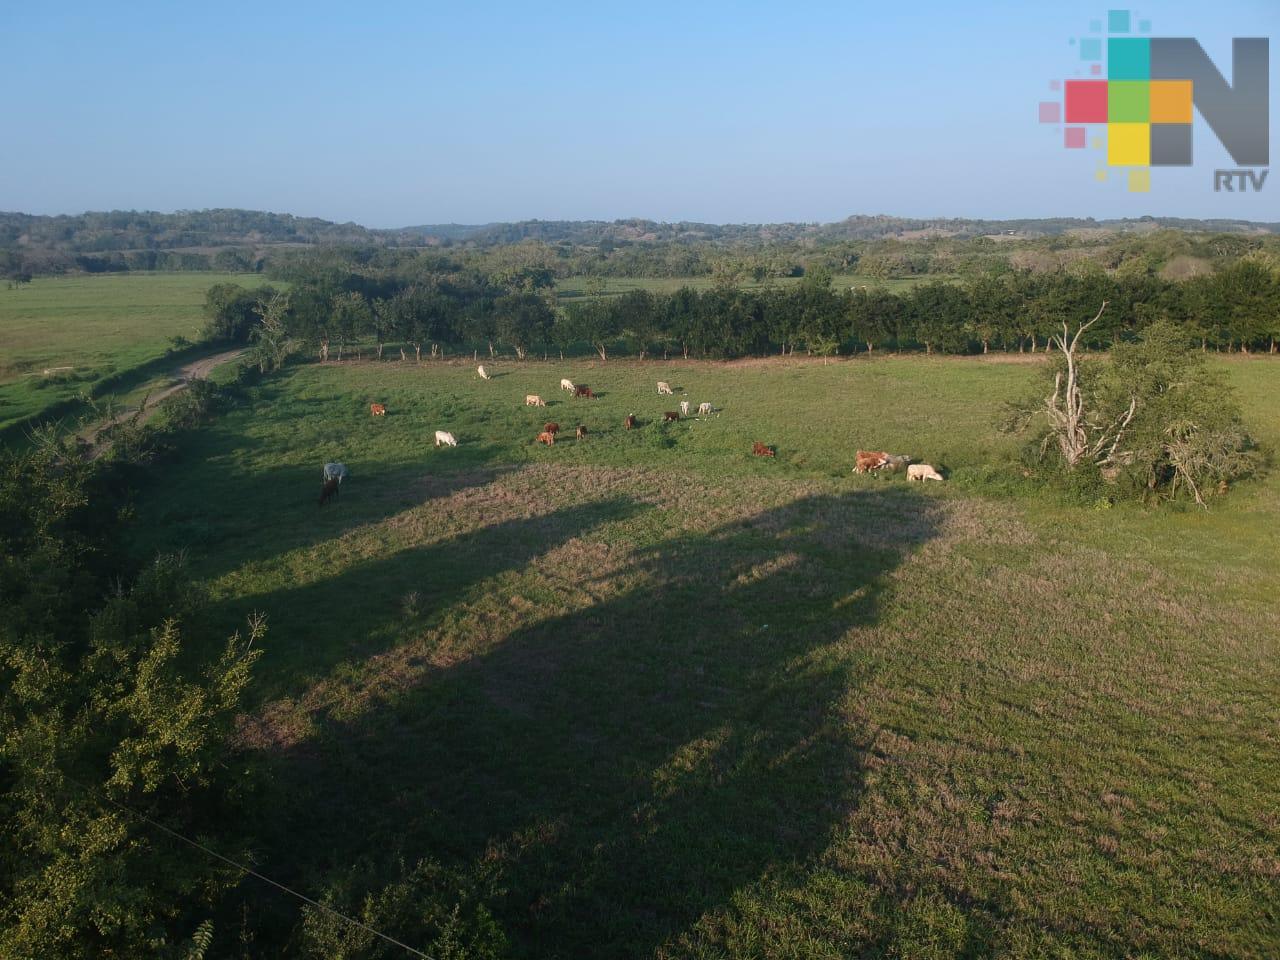 Del 16 al 19 de octubre Sedarpa recibirá solicitudes para apoyar a productores pecuarios veracruzanos